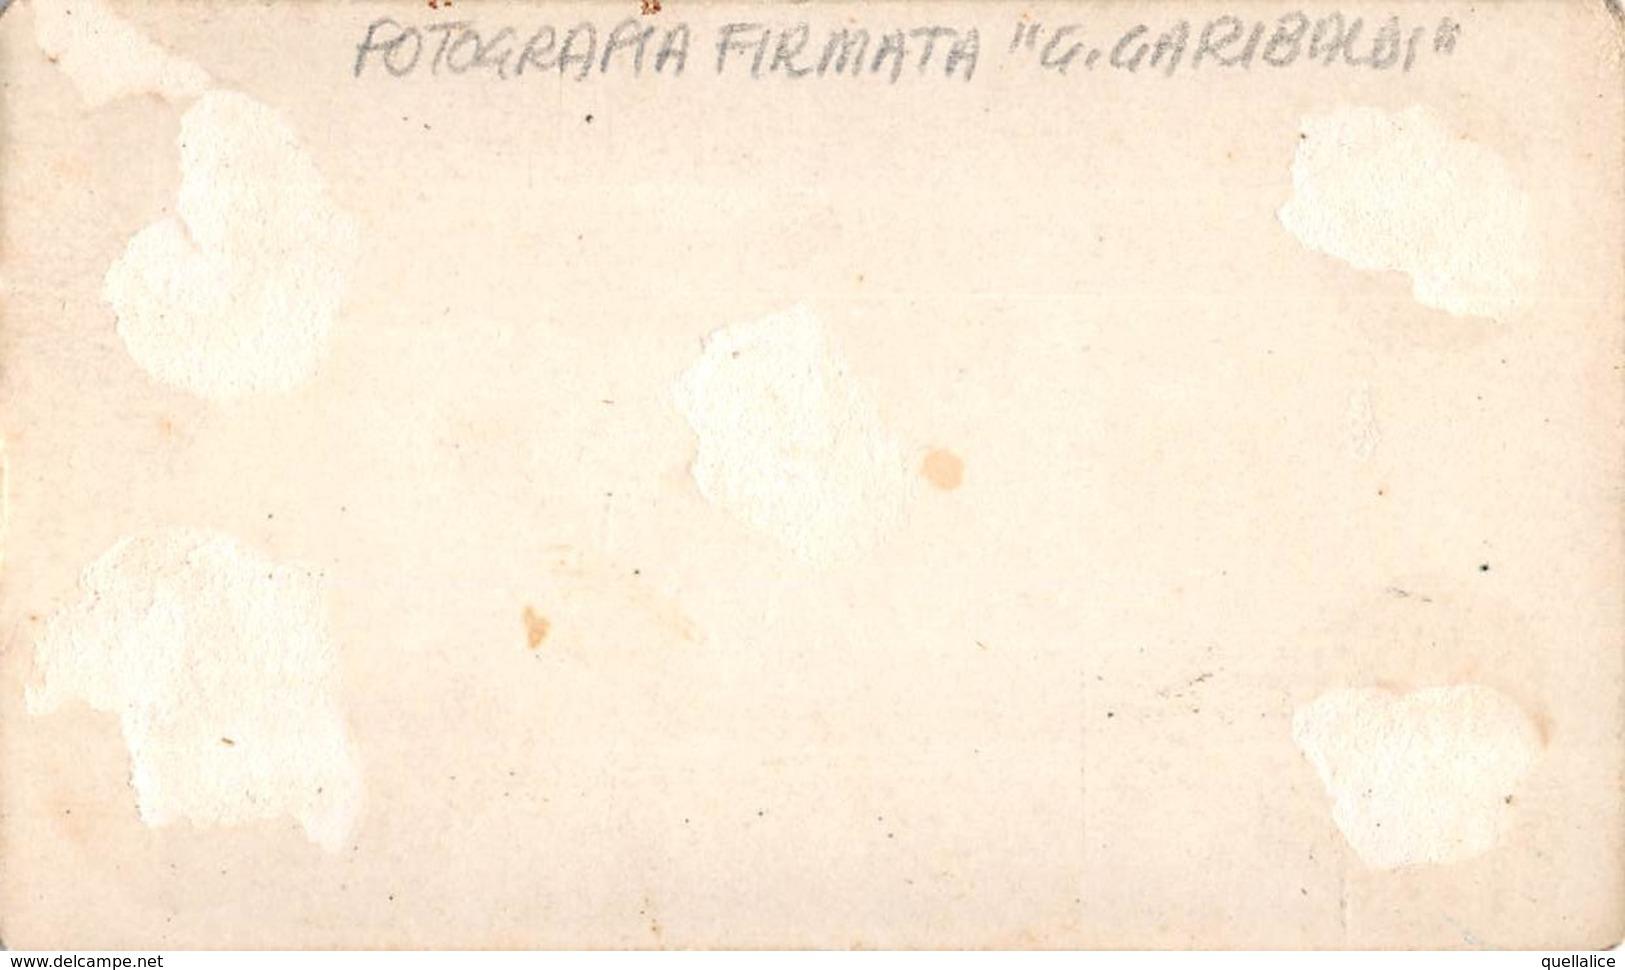 """0837 """"FOTOGRAFIA GIUSEPPE GARIBALDI"""" AUTOGRAFO - Célébrités"""